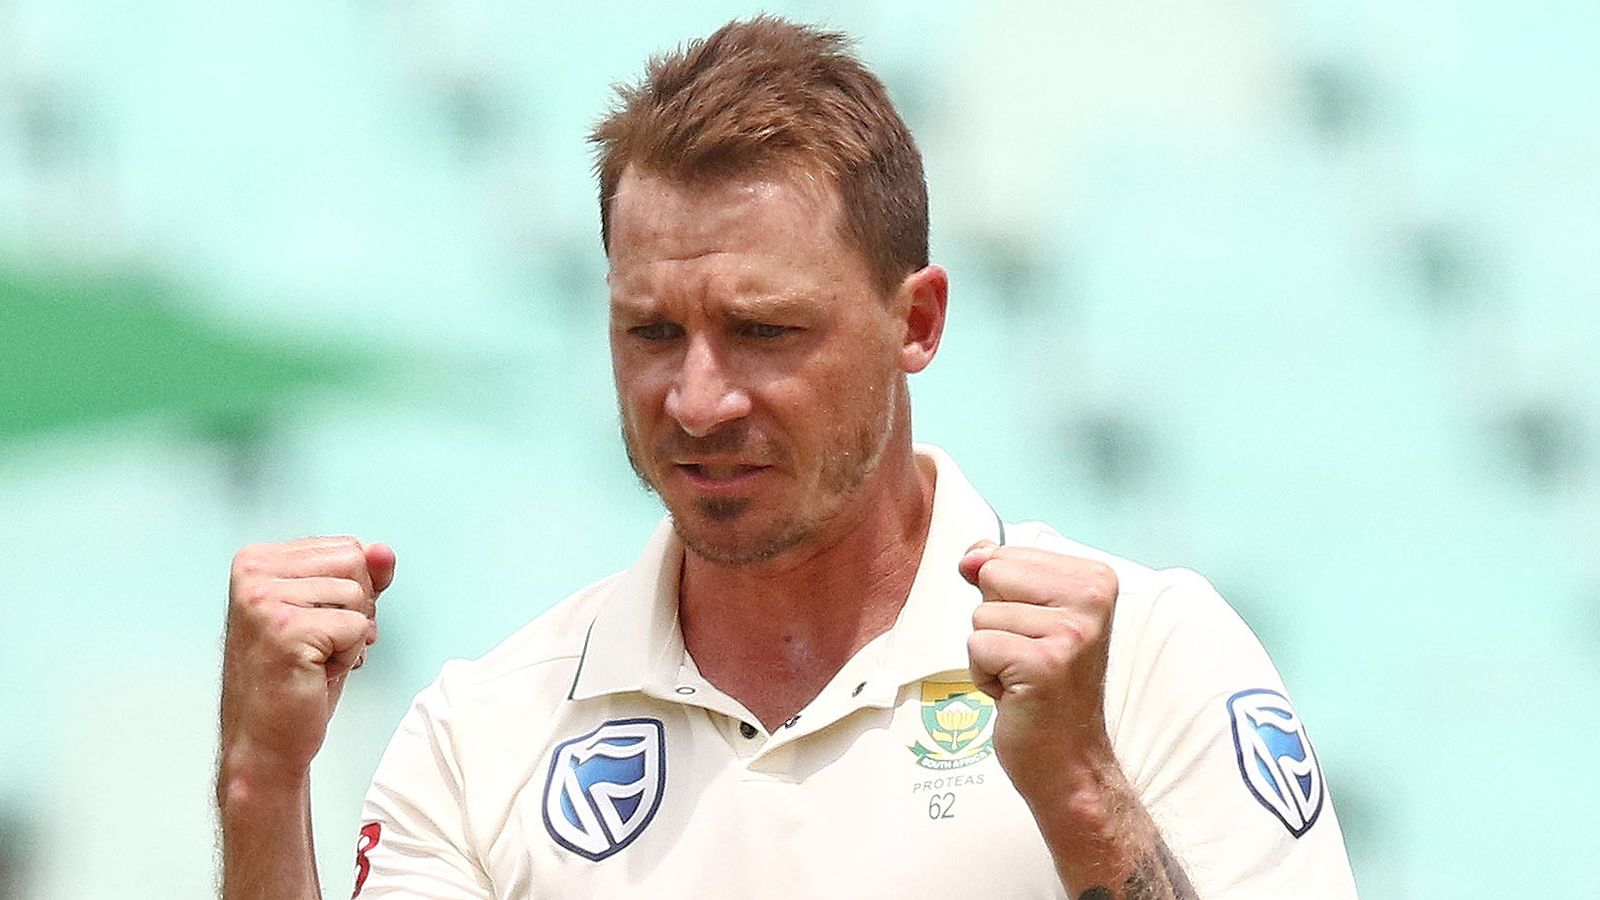 Stuart Broad, Michael Holding y Shaun Pollock hablan sobre los mejores cazadores de cricket de la historia | Noticias de Cricket 65